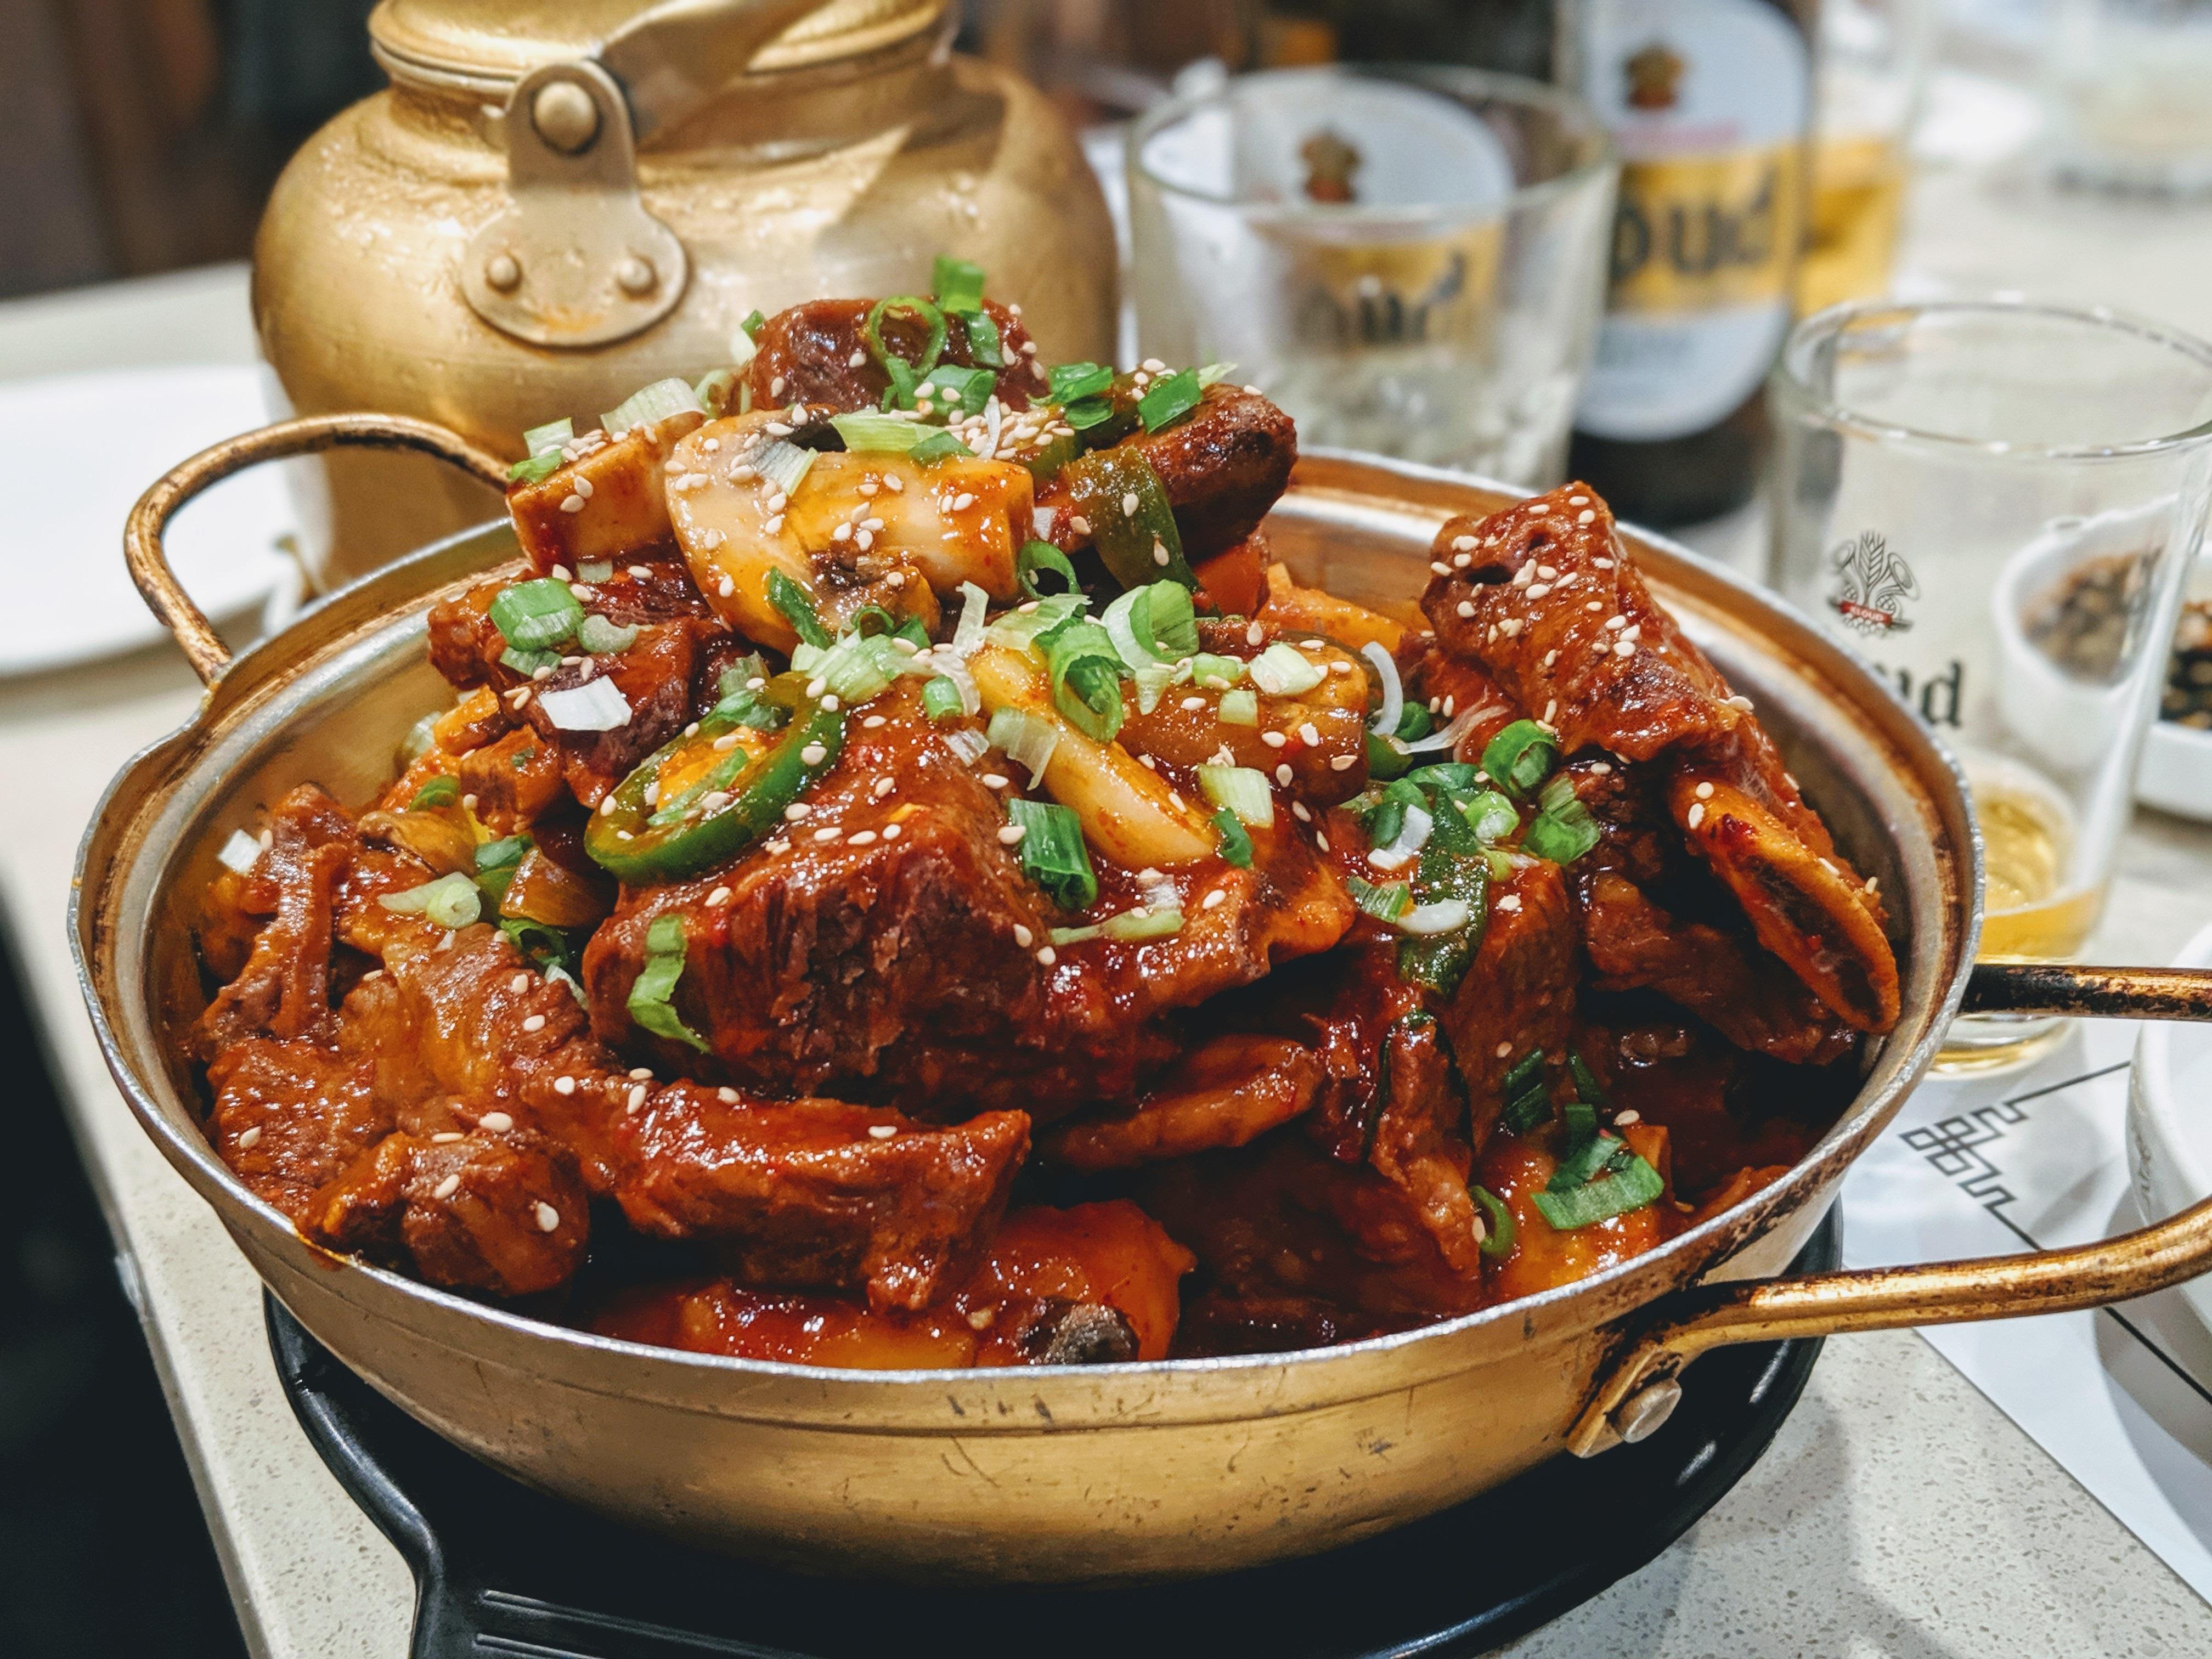 Galbi jjim at Jun Won restaurant in Koreatown, Los Angeles.